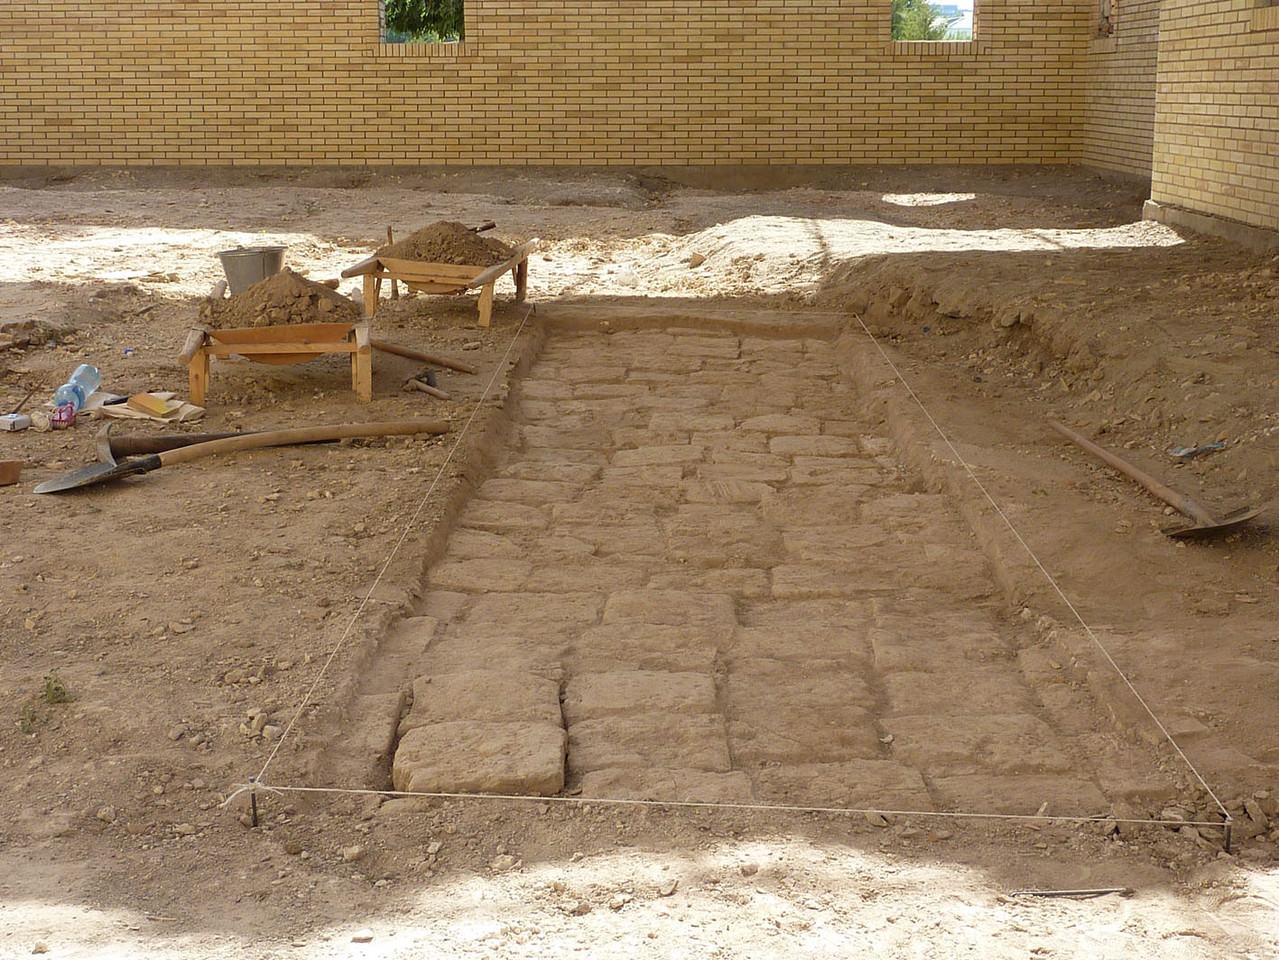 Lors du décapage de surface de la 2ème tranchée, un pavement de terre cuite a été dégagé. Peut être servait il à rehausser le sol (Socra, 2012)